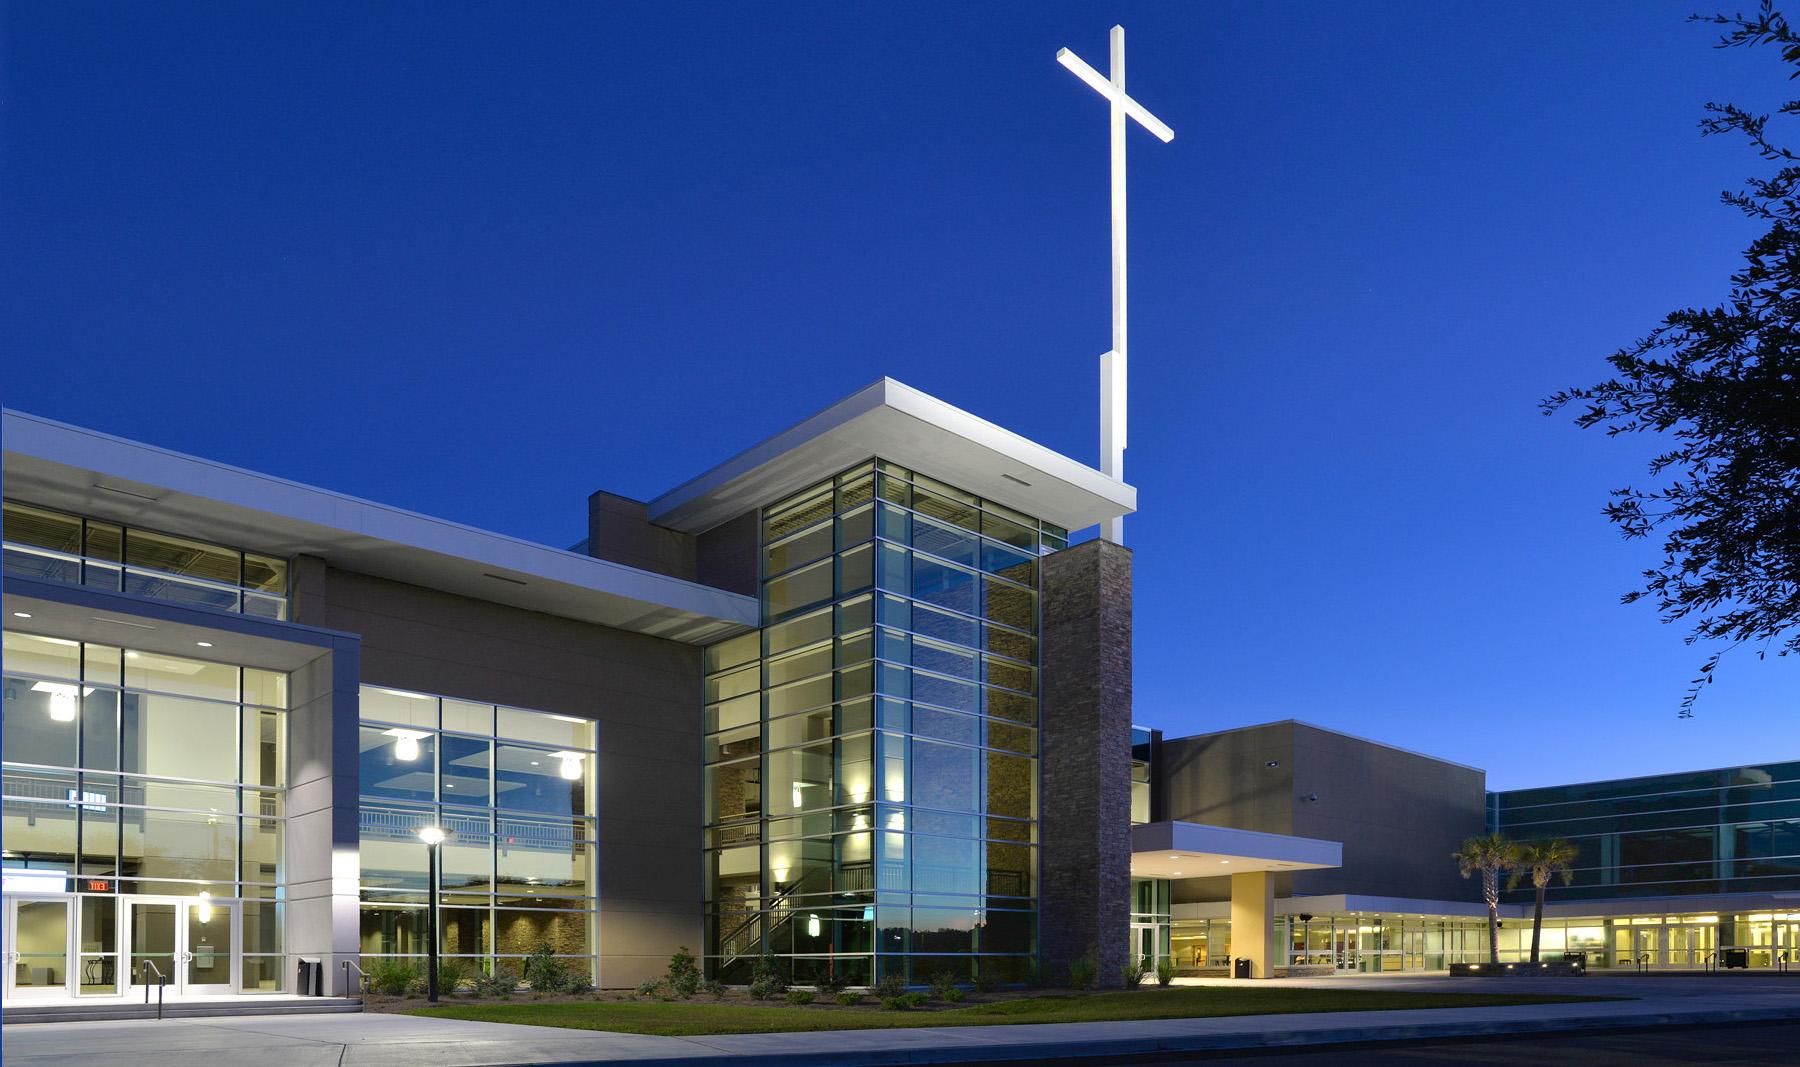 Compassion Christian Church in Savannah, GA